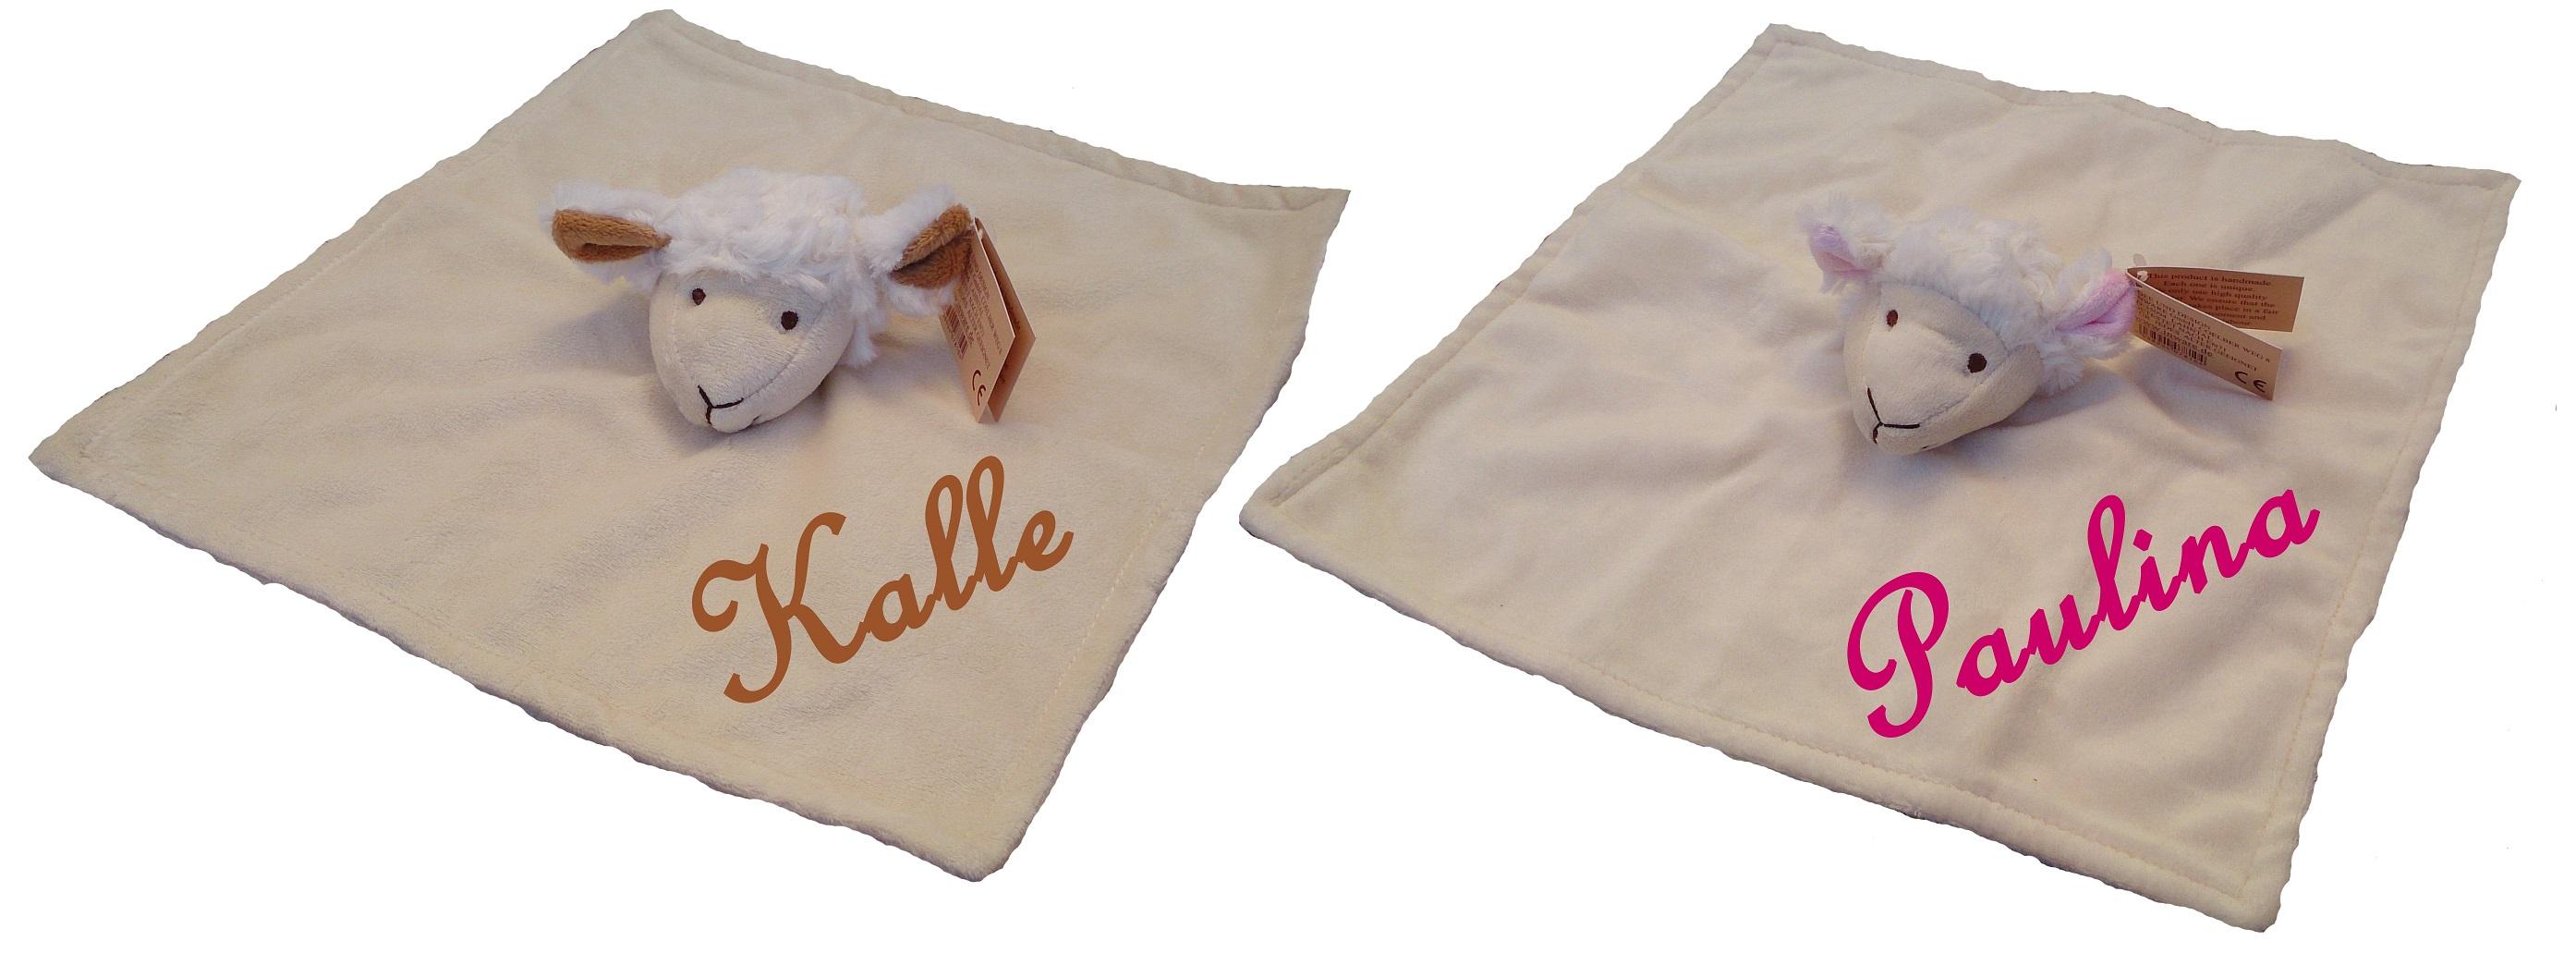 Baby Kinder Waschlappen lachender Stern mit Namen bestickt Handtuch Schmusetuch